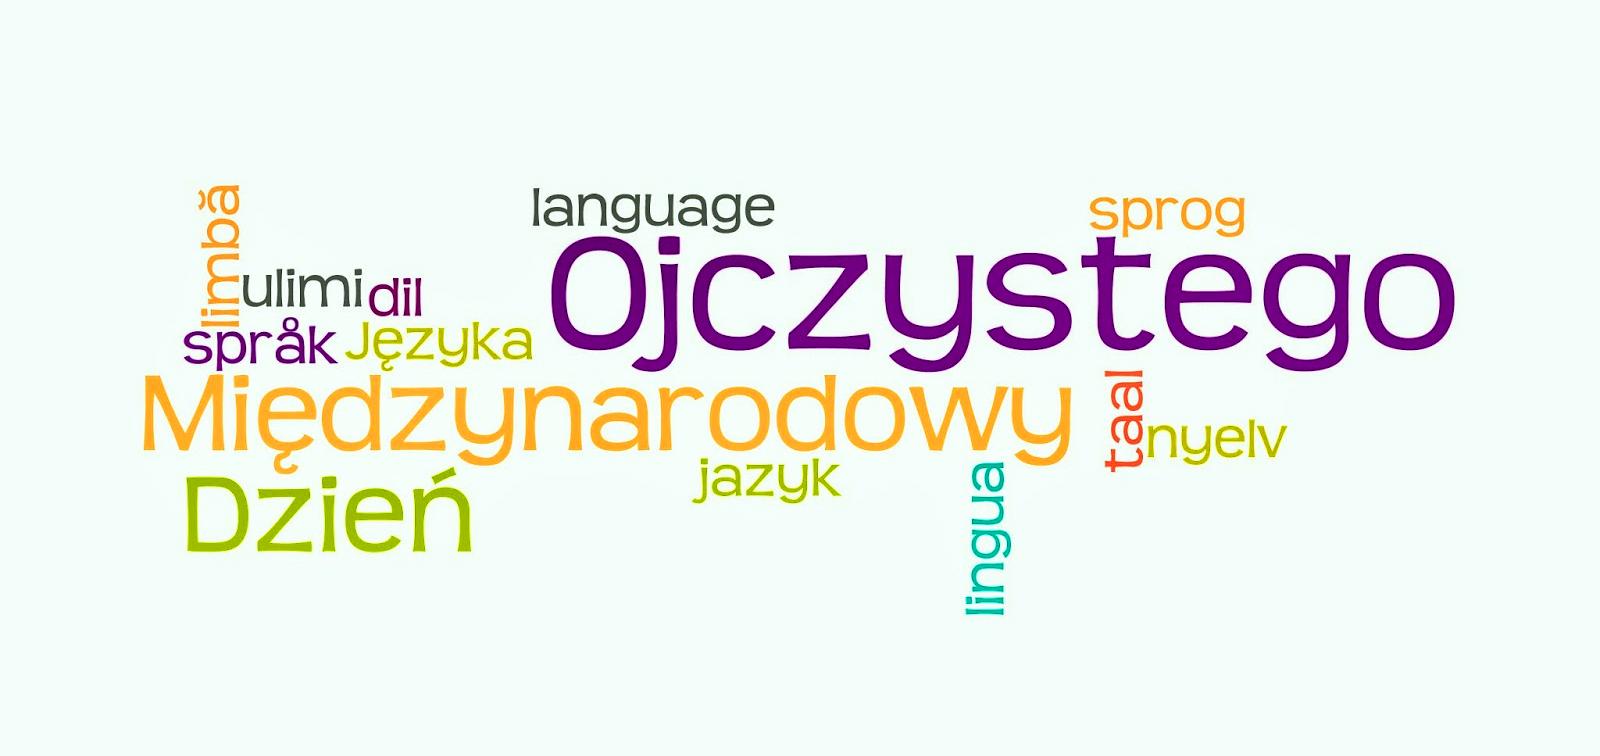 Znalezione obrazy dla zapytania dzień języka ojczystego